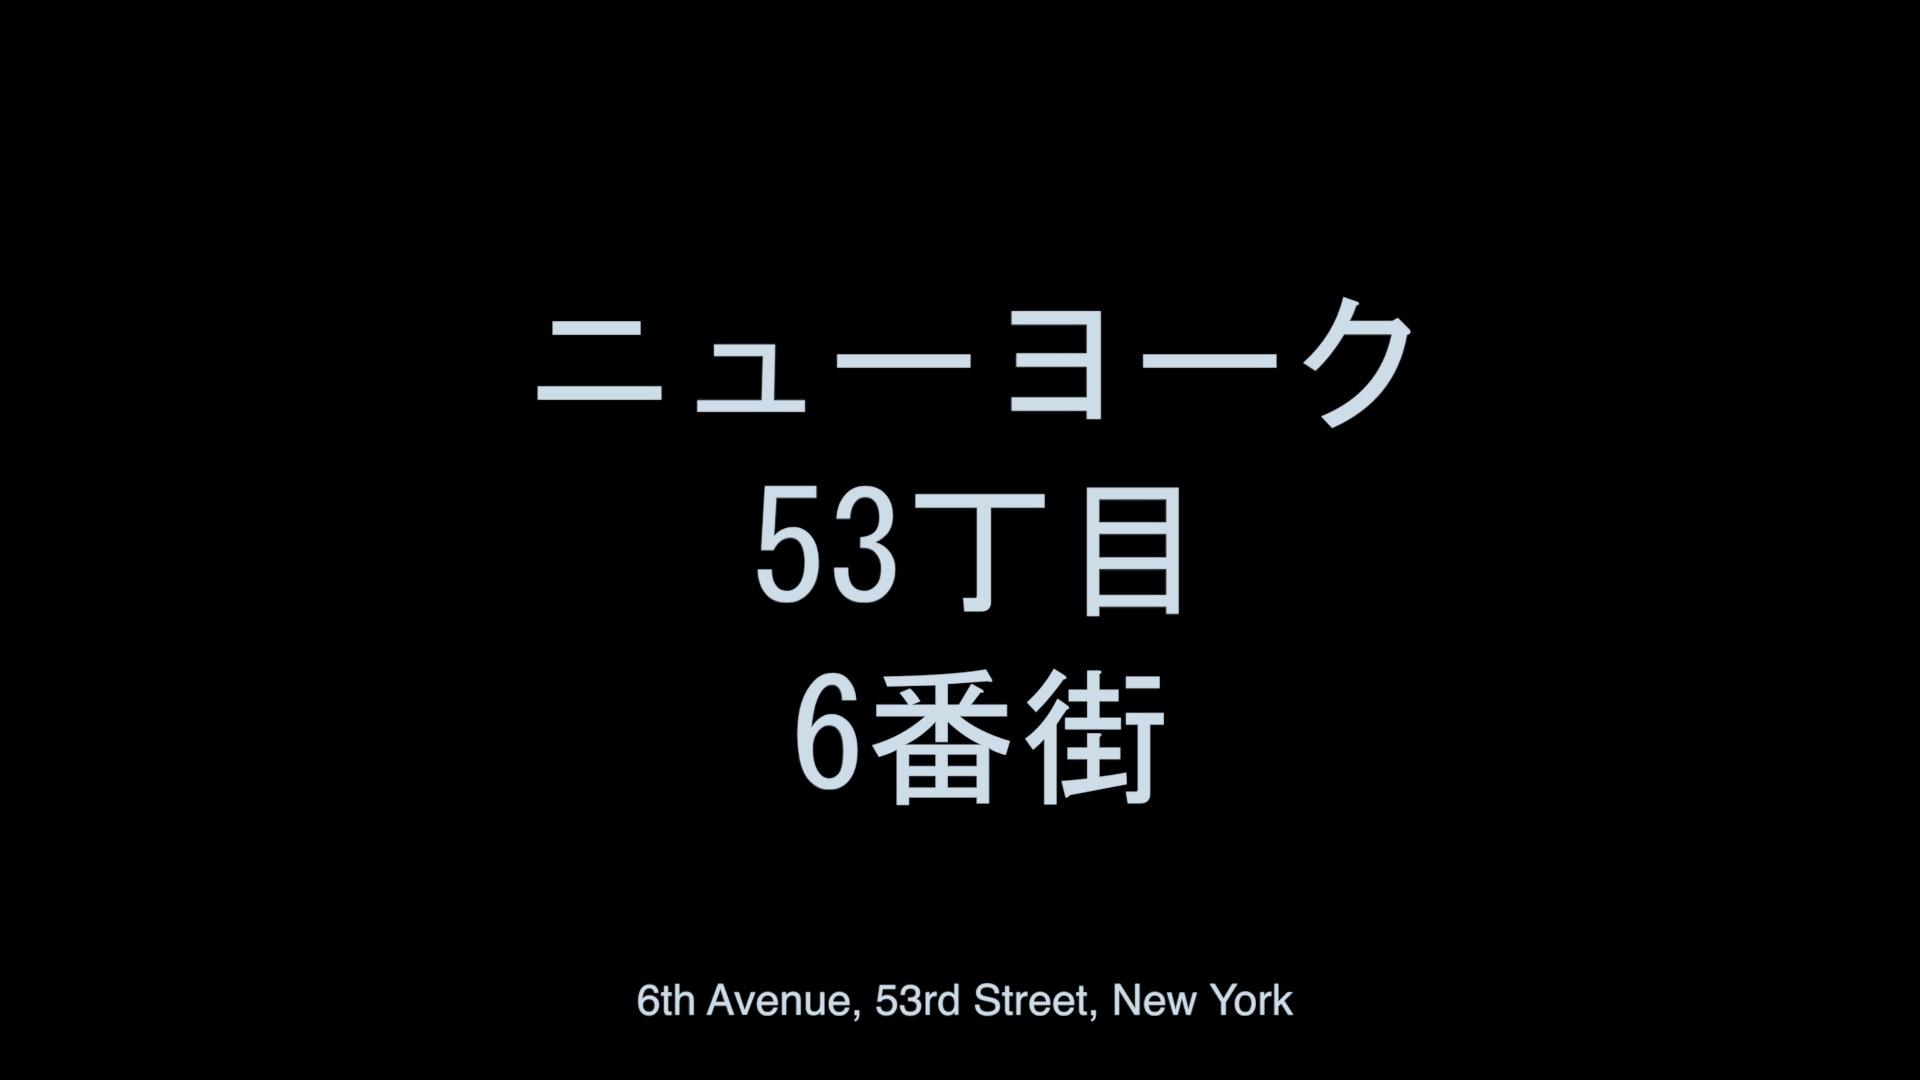 Silver Factories on 53rd Street_final13.jpg